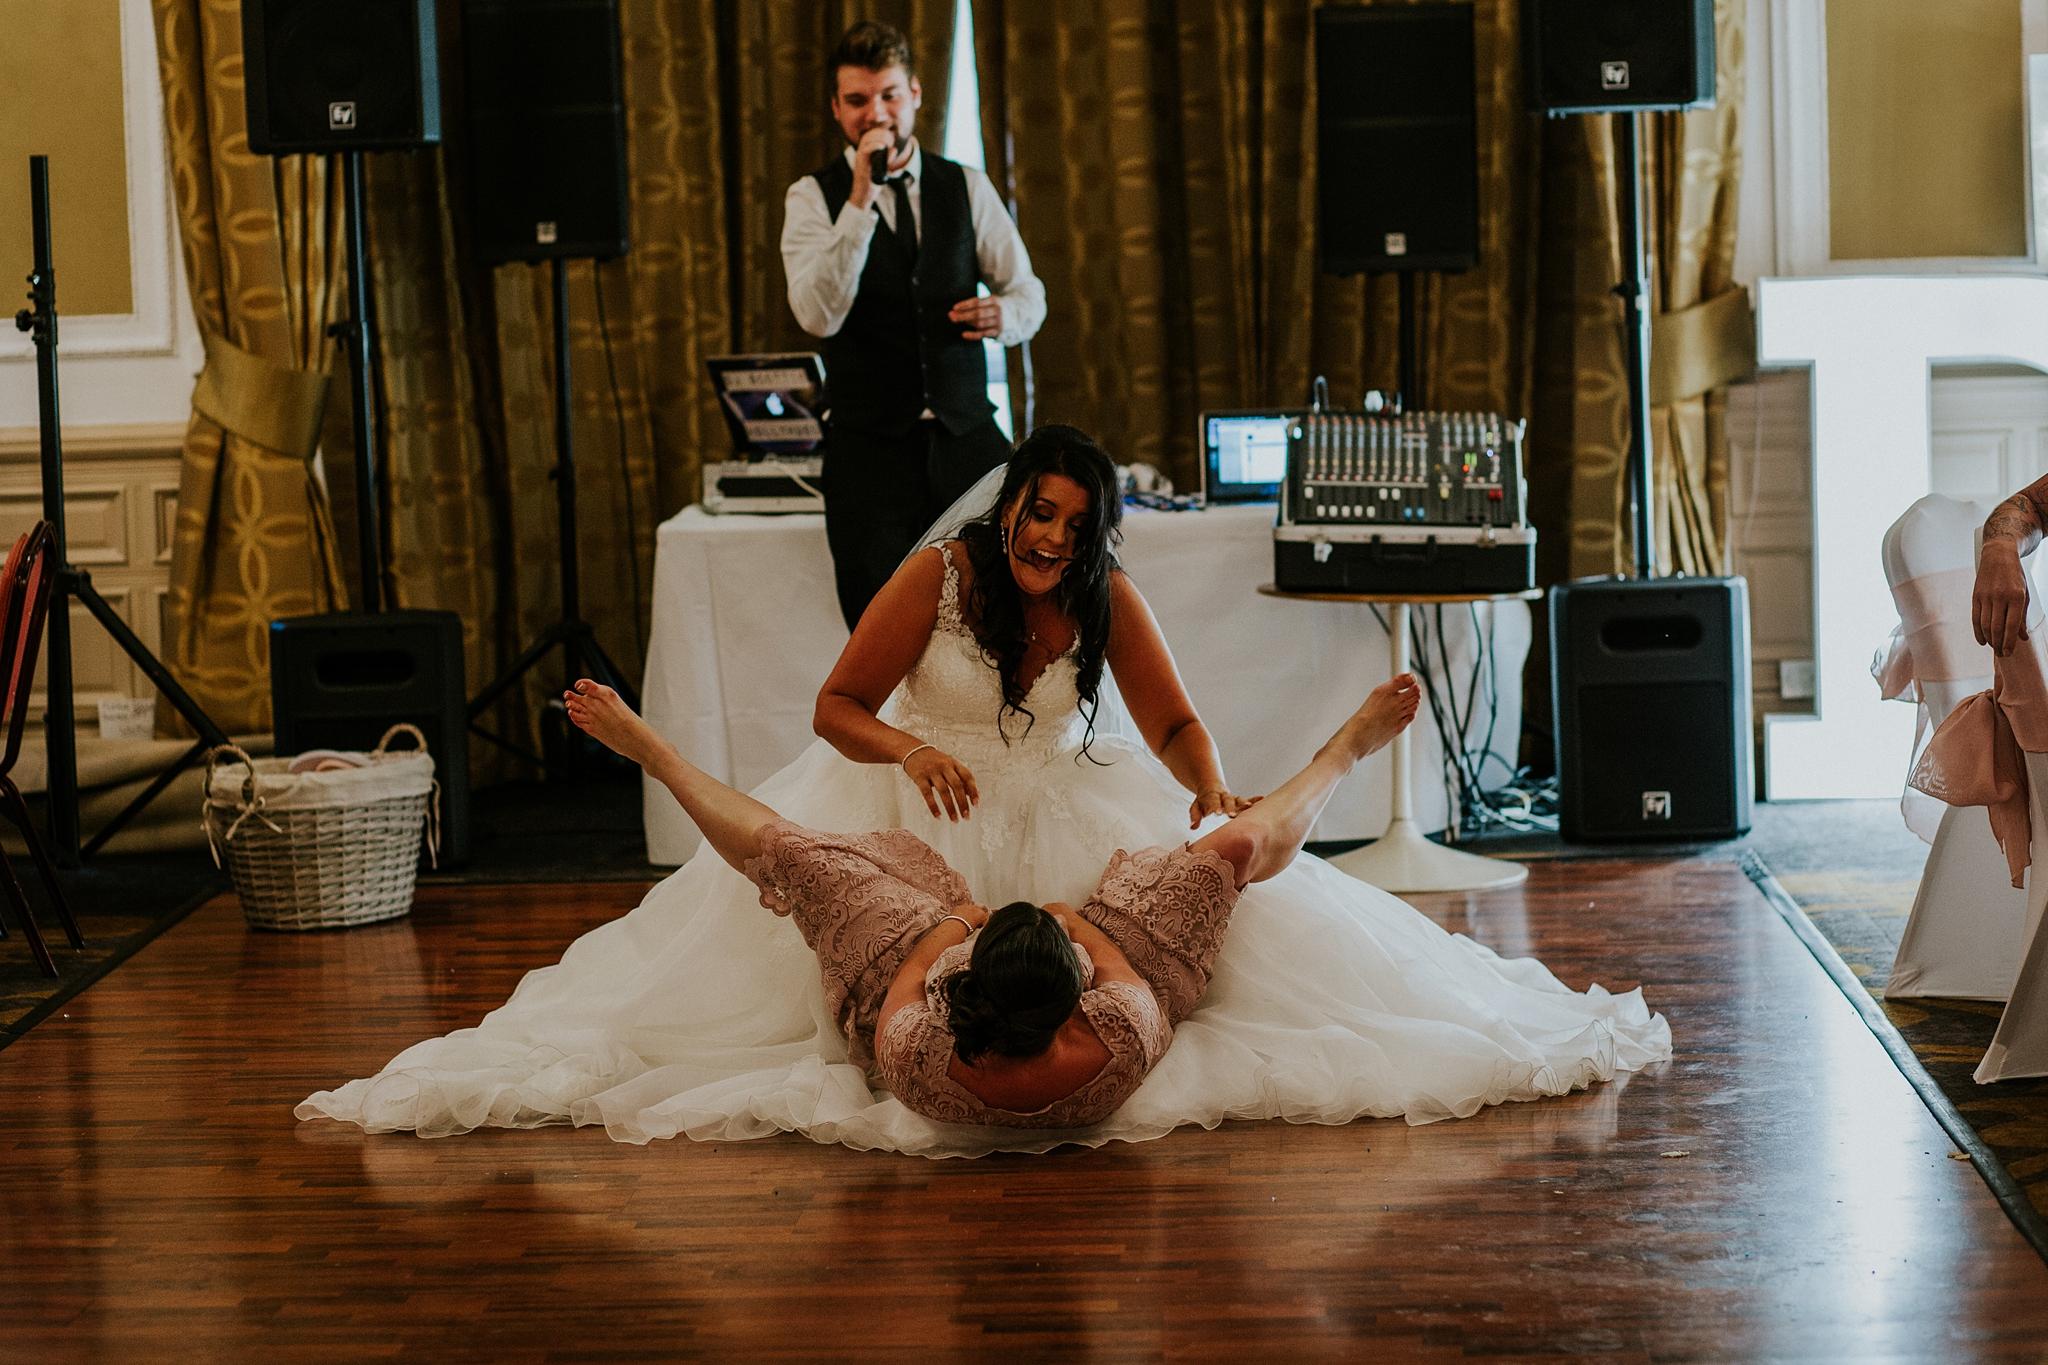 newcastle_upon_tyne_wedding_photographer-68.JPG